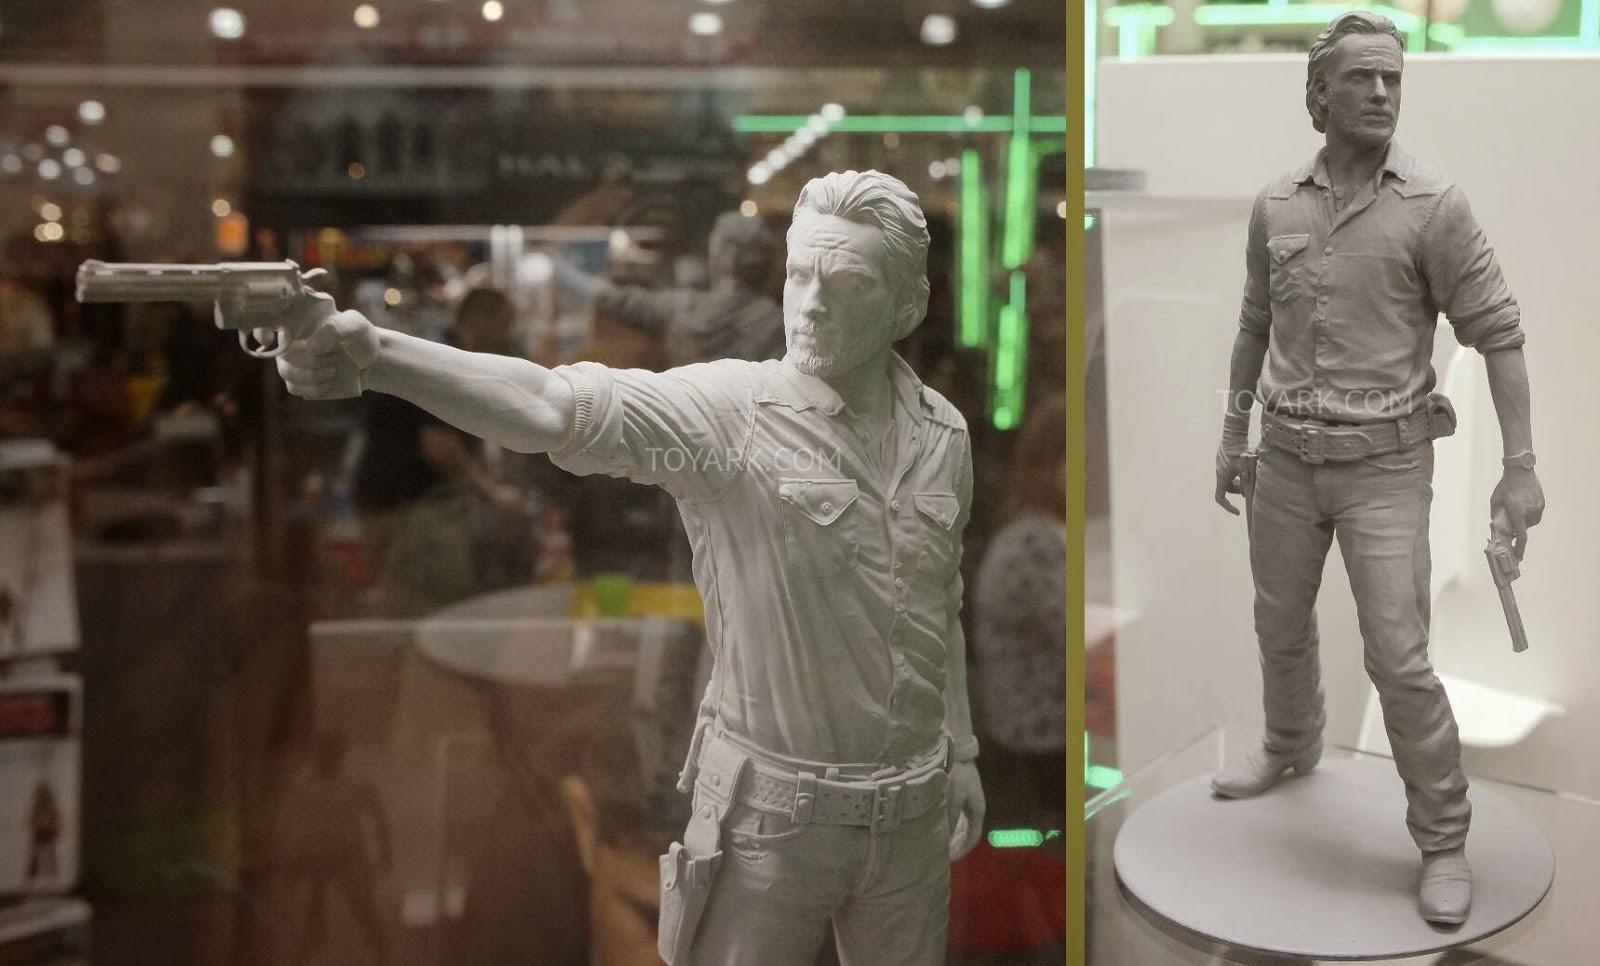 Toy Fair 2014 - Rick Grimes (McFarlane)